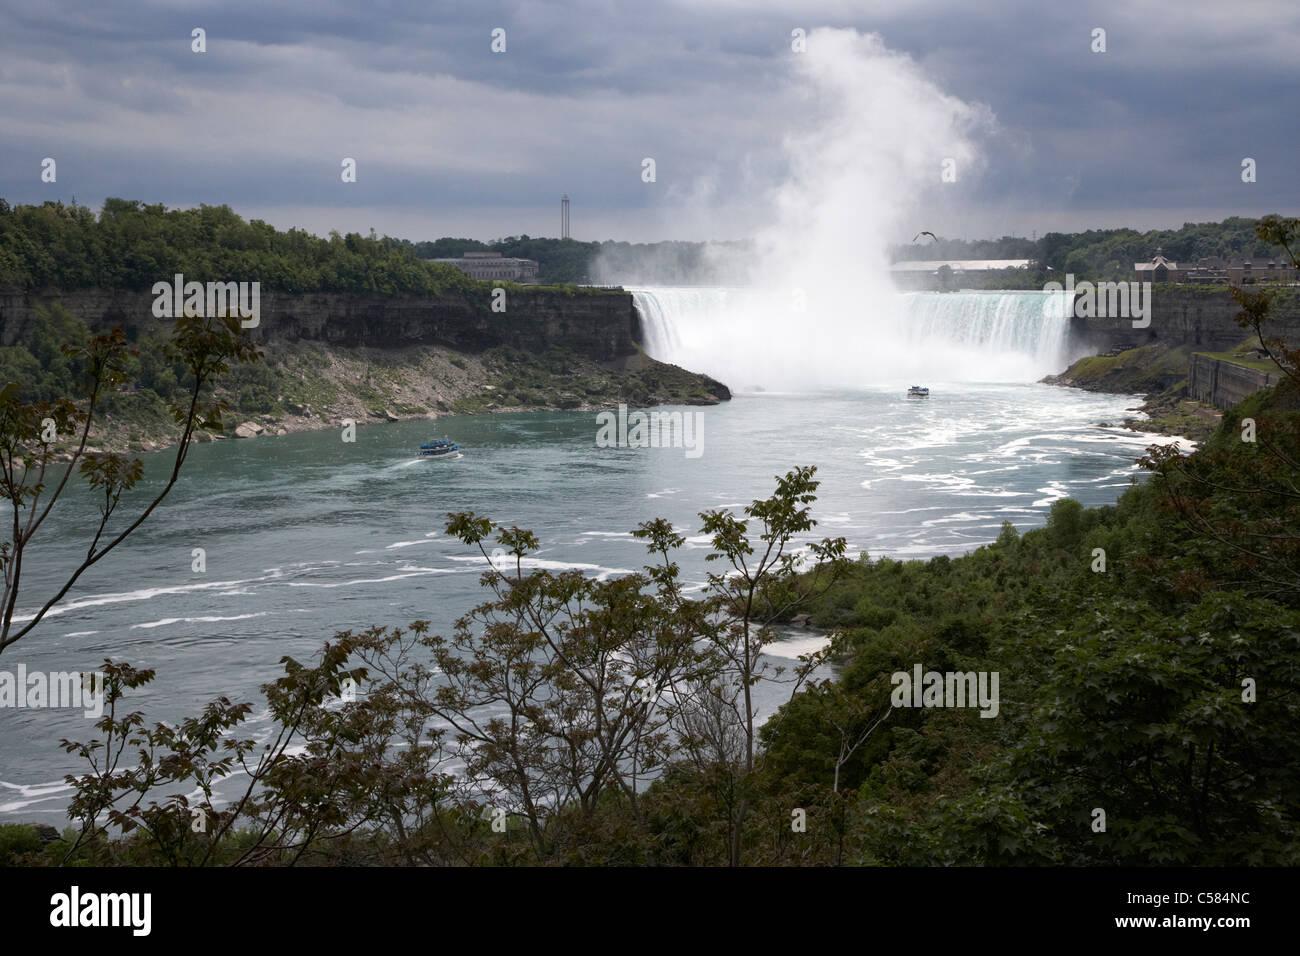 niagara falls ontario canada - Stock Image